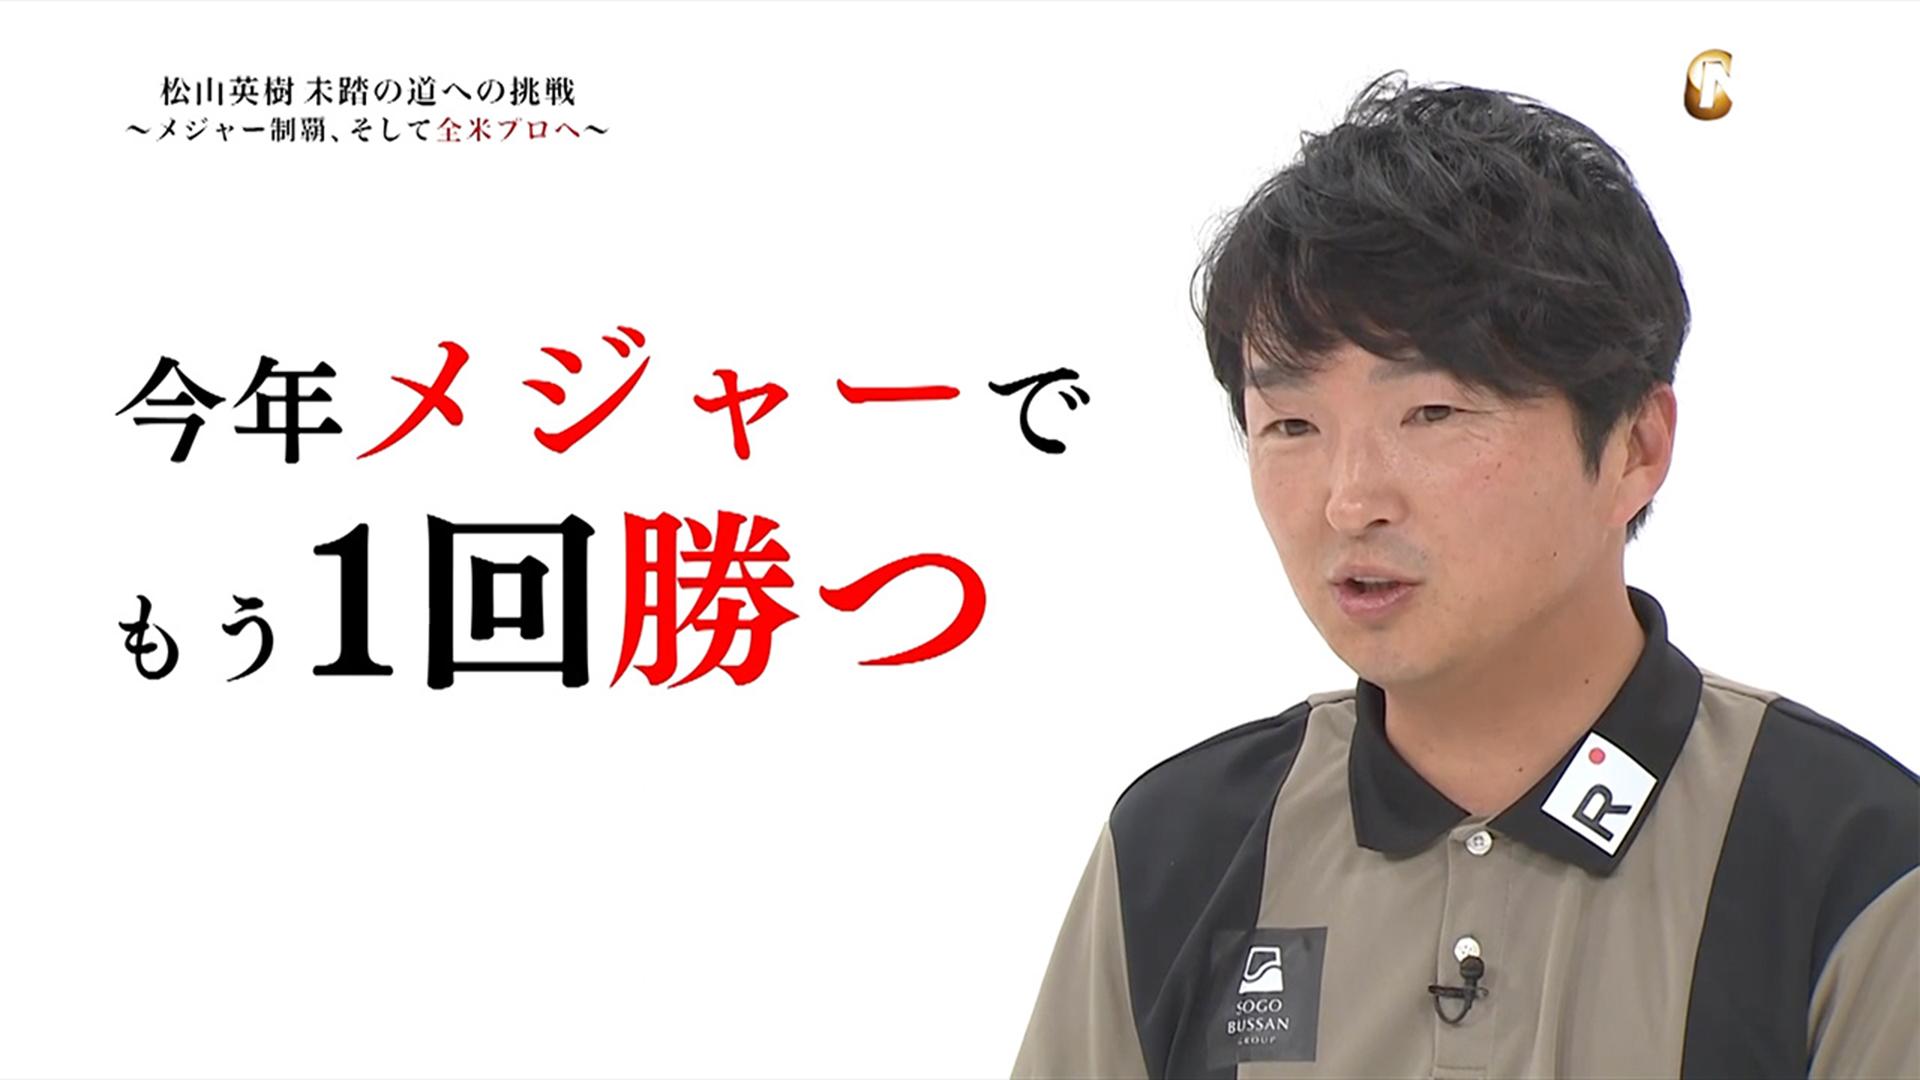 「今年もう一度勝ってくれるんじゃないか─」松山英樹メジャー連勝へ・2021年全米プロゴルフ選手権展望 <2021年5月松山英樹特番より>